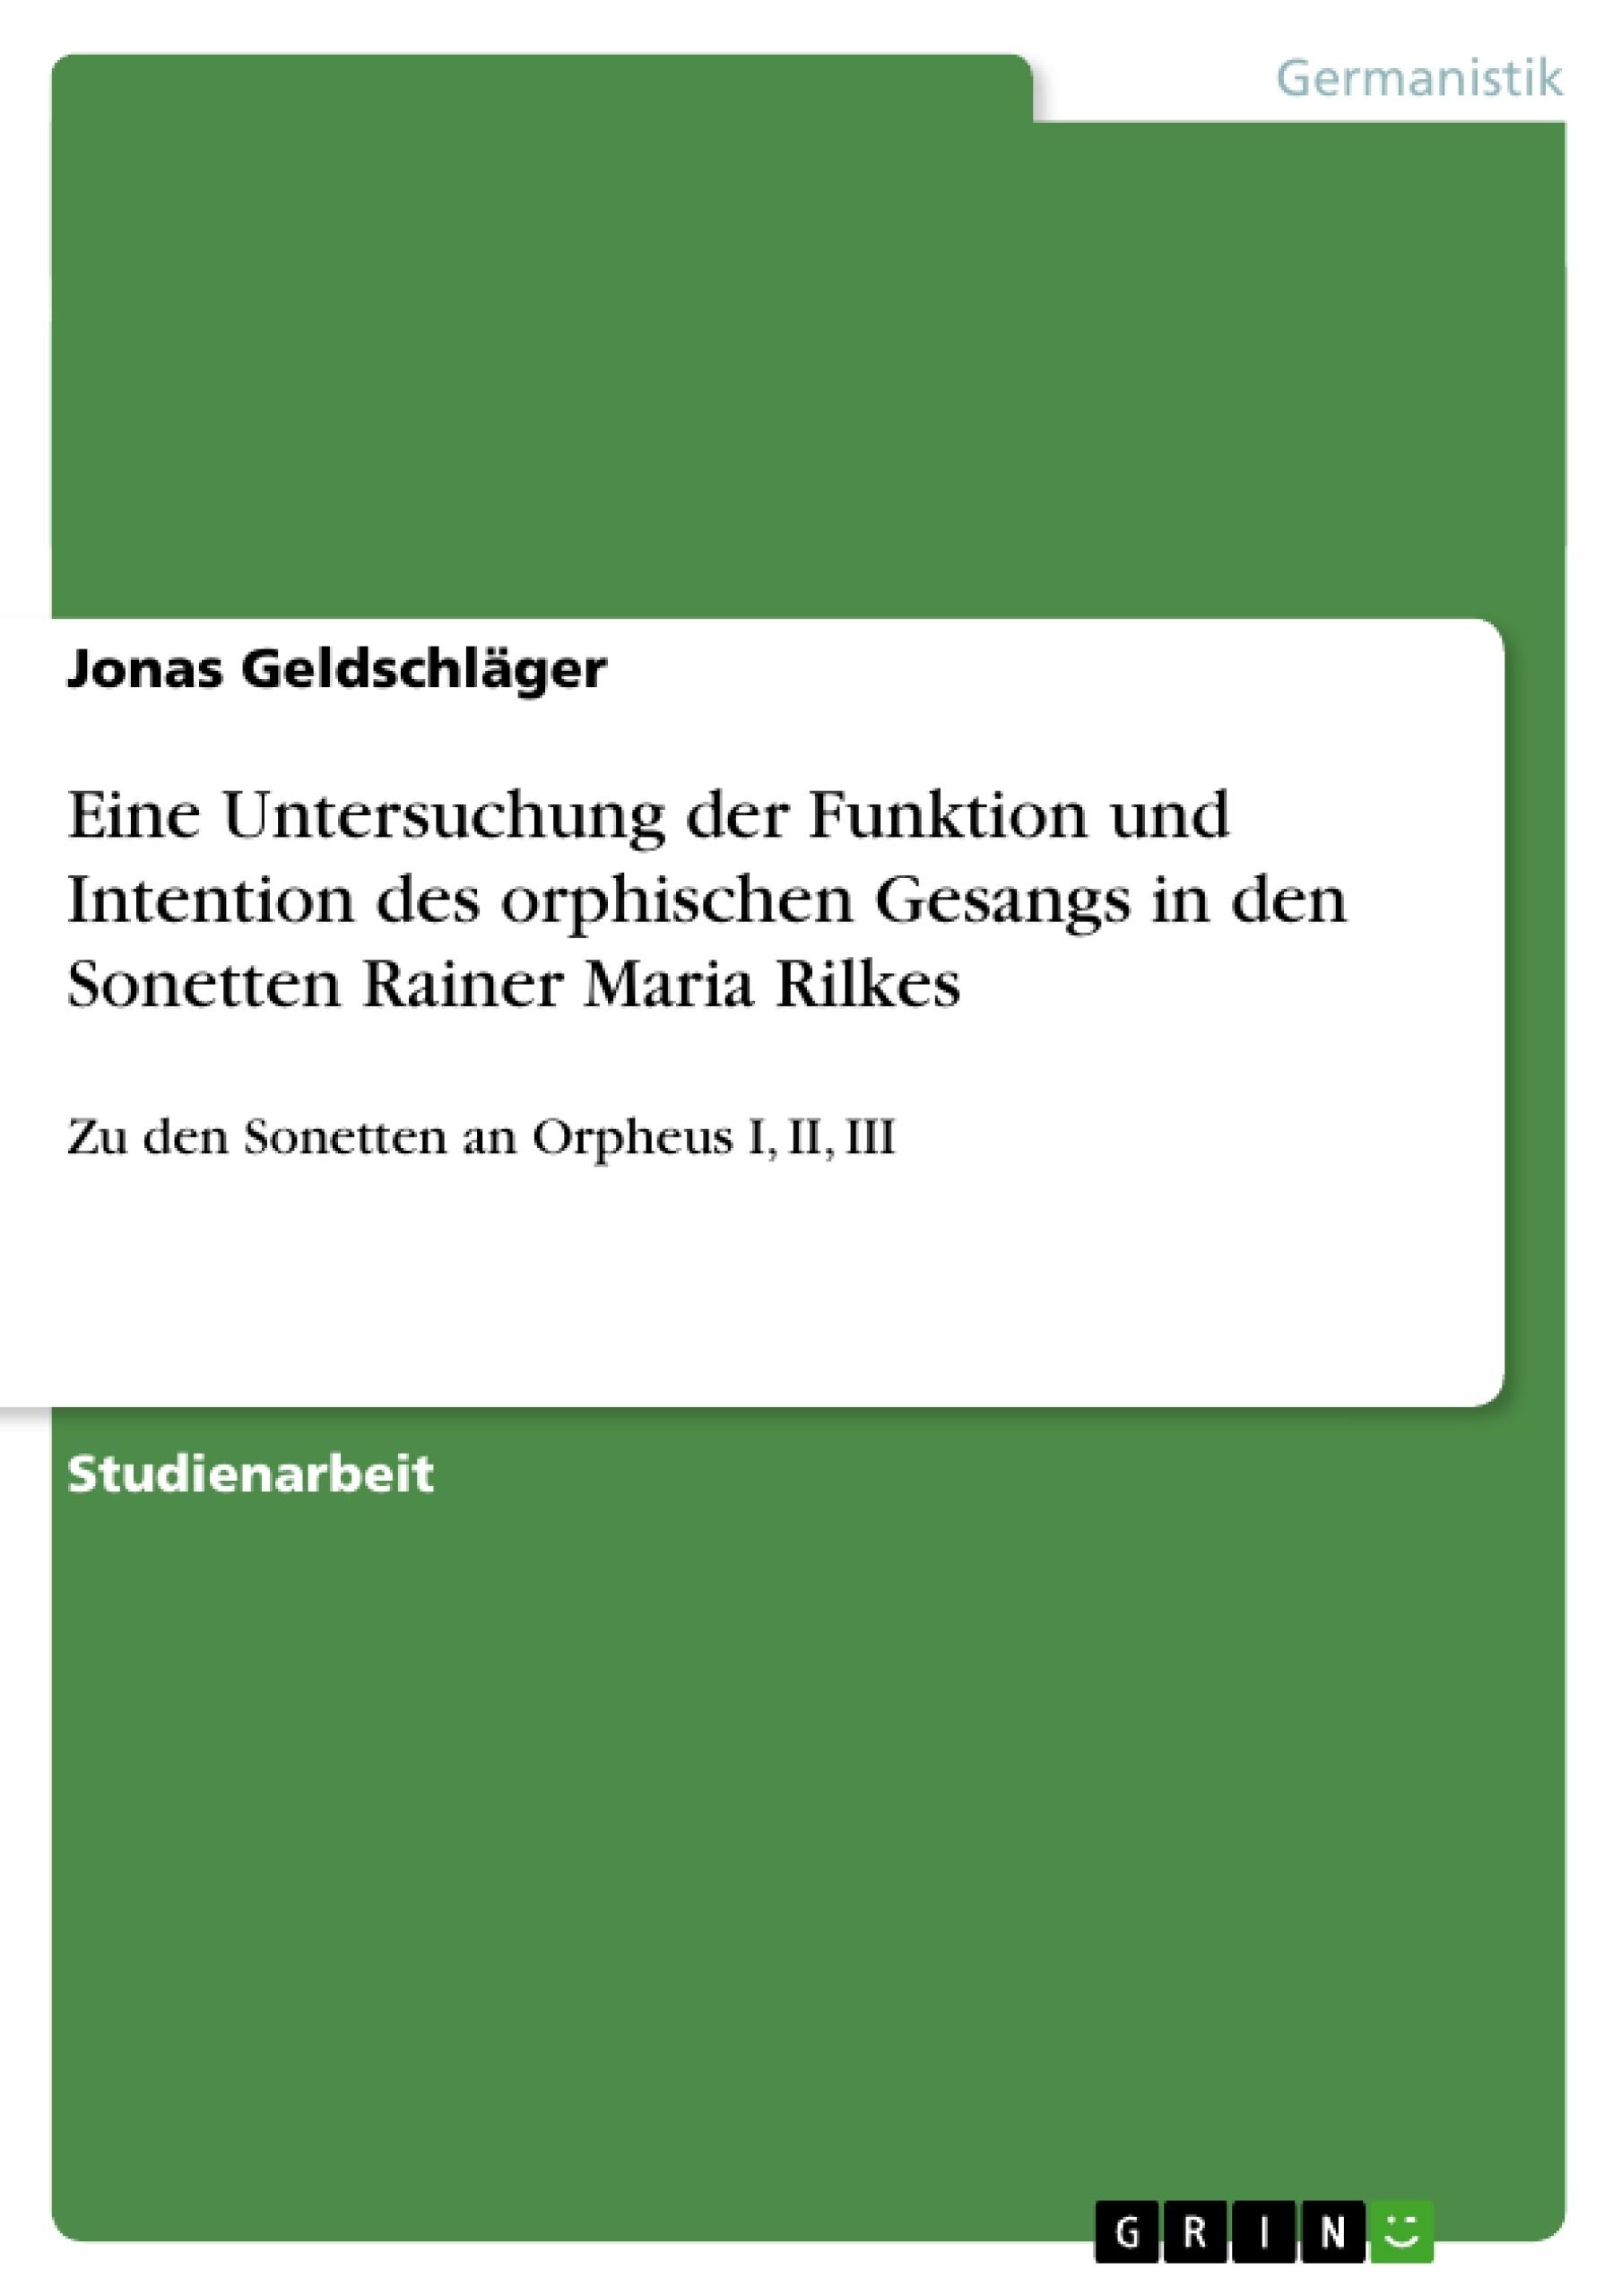 Titel: Eine Untersuchung der Funktion und Intention des orphischen Gesangs in den Sonetten Rainer Maria Rilkes